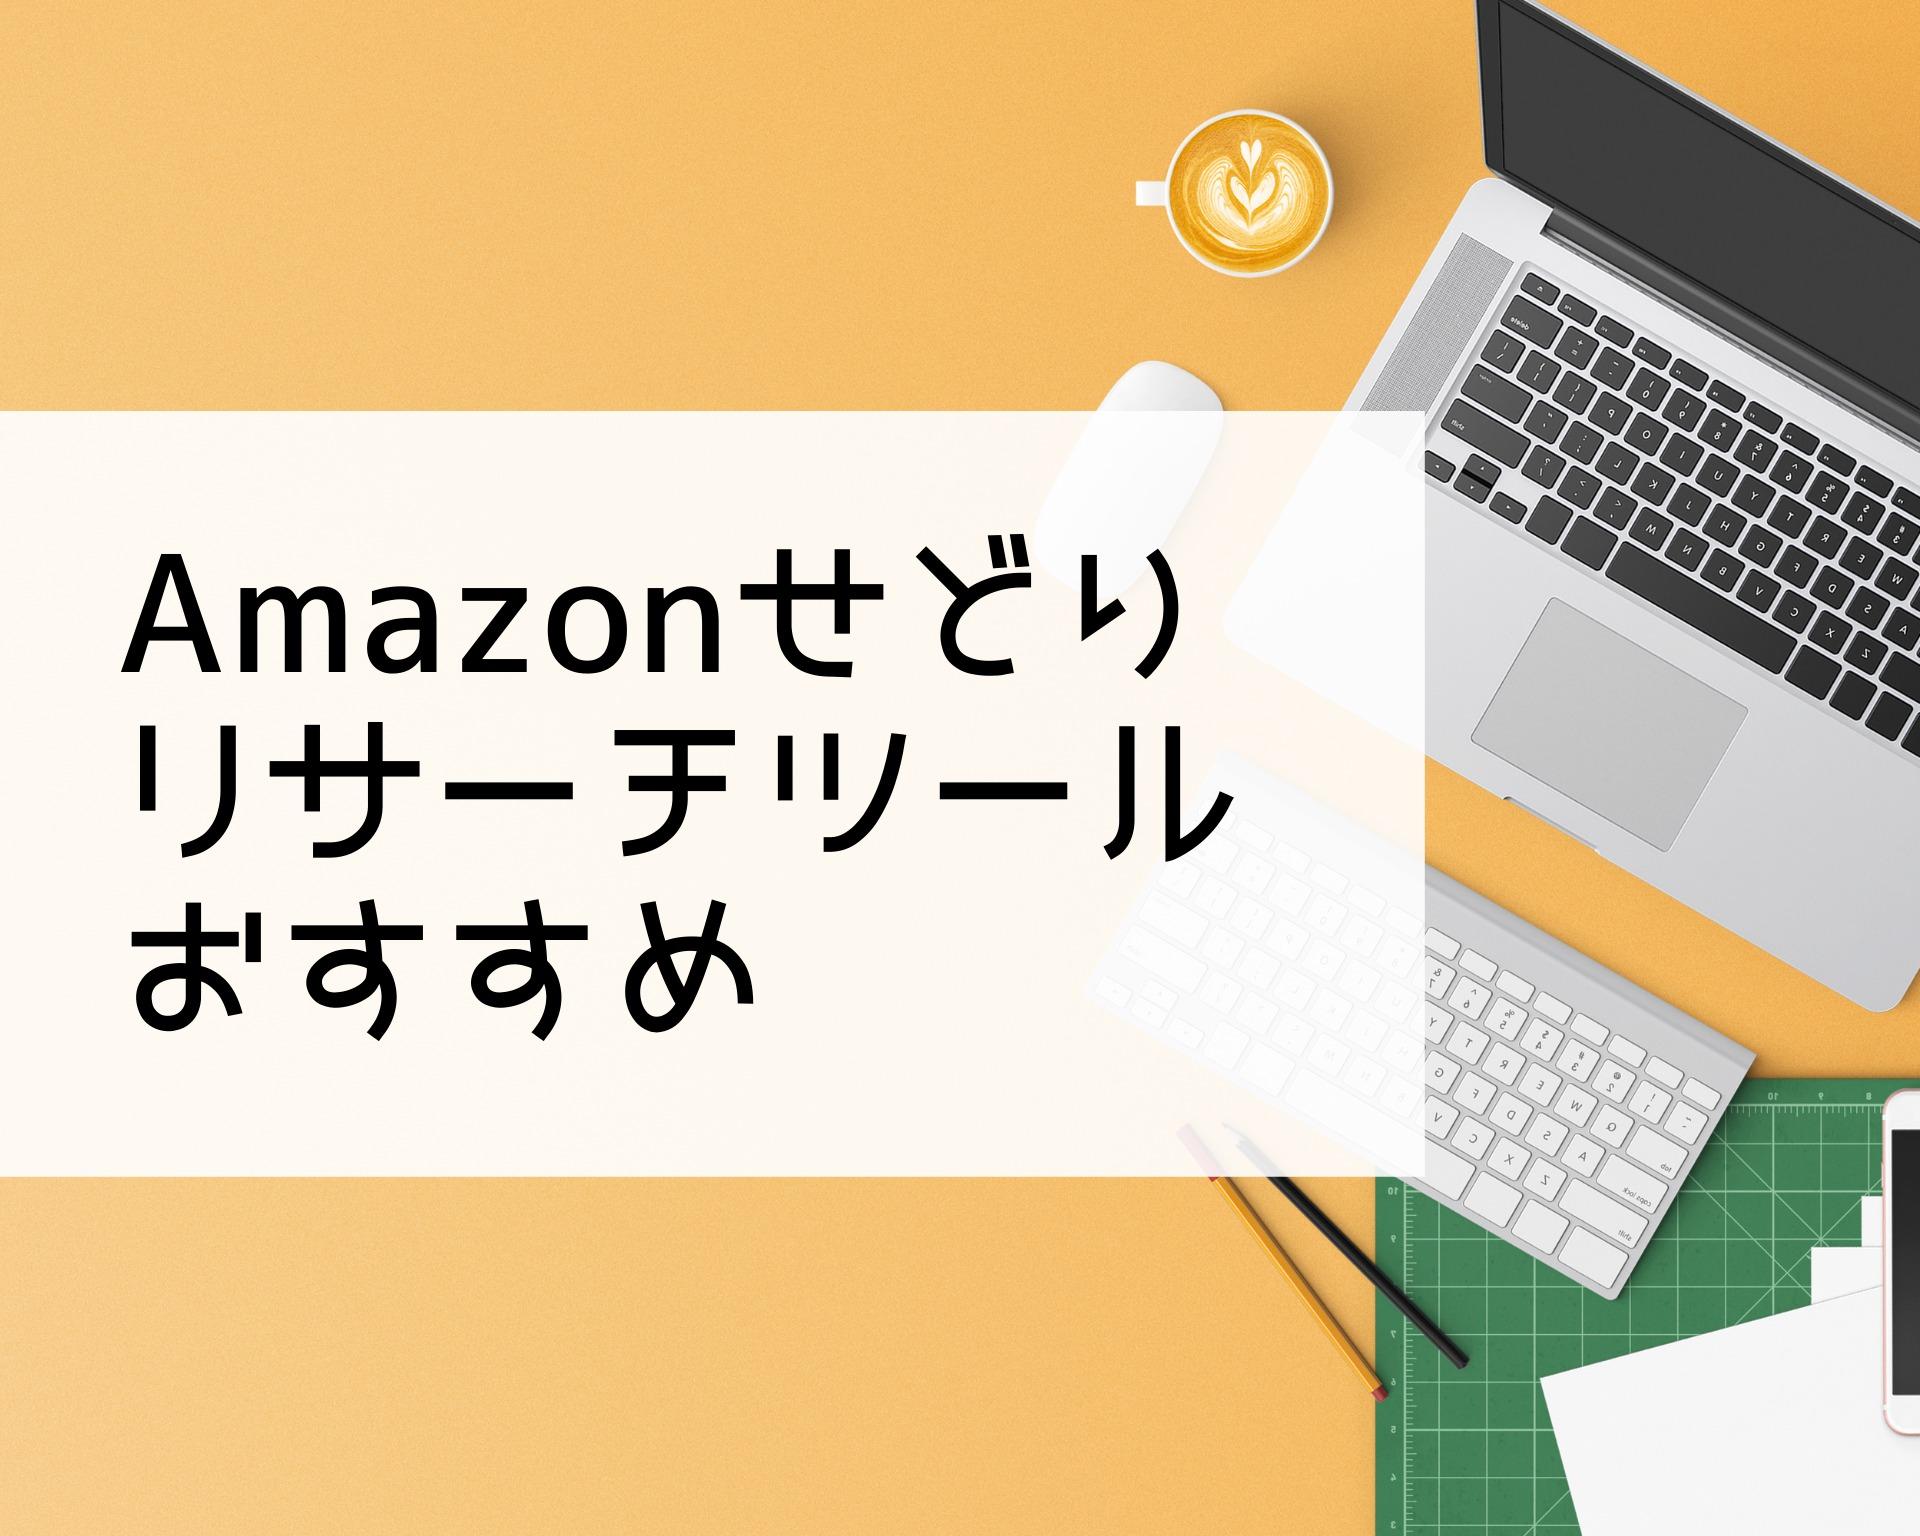 【2021年最新】Amazonせどりで使えるおすすめツール用途別3選